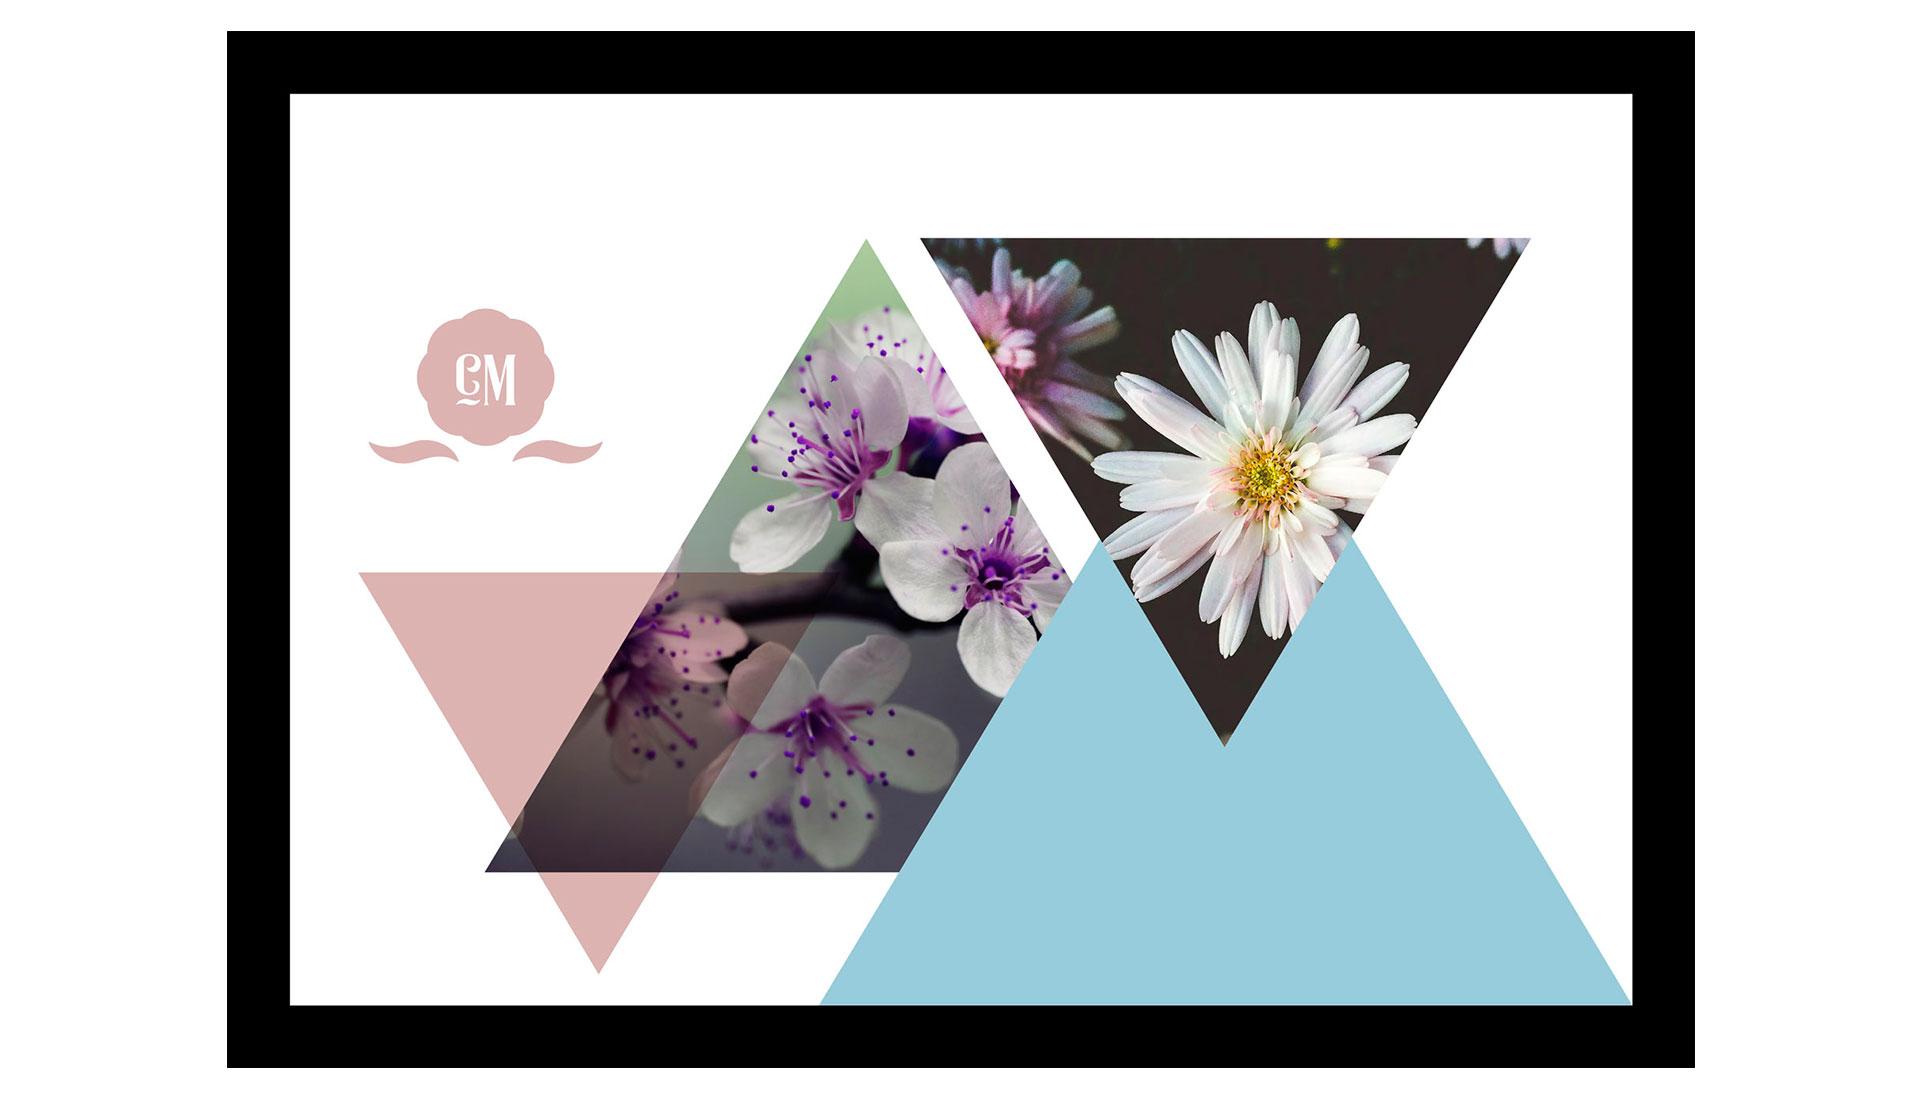 agencia-publicidad-pennyworth-marketing-digital-branding-centro-belleza-valencia-05